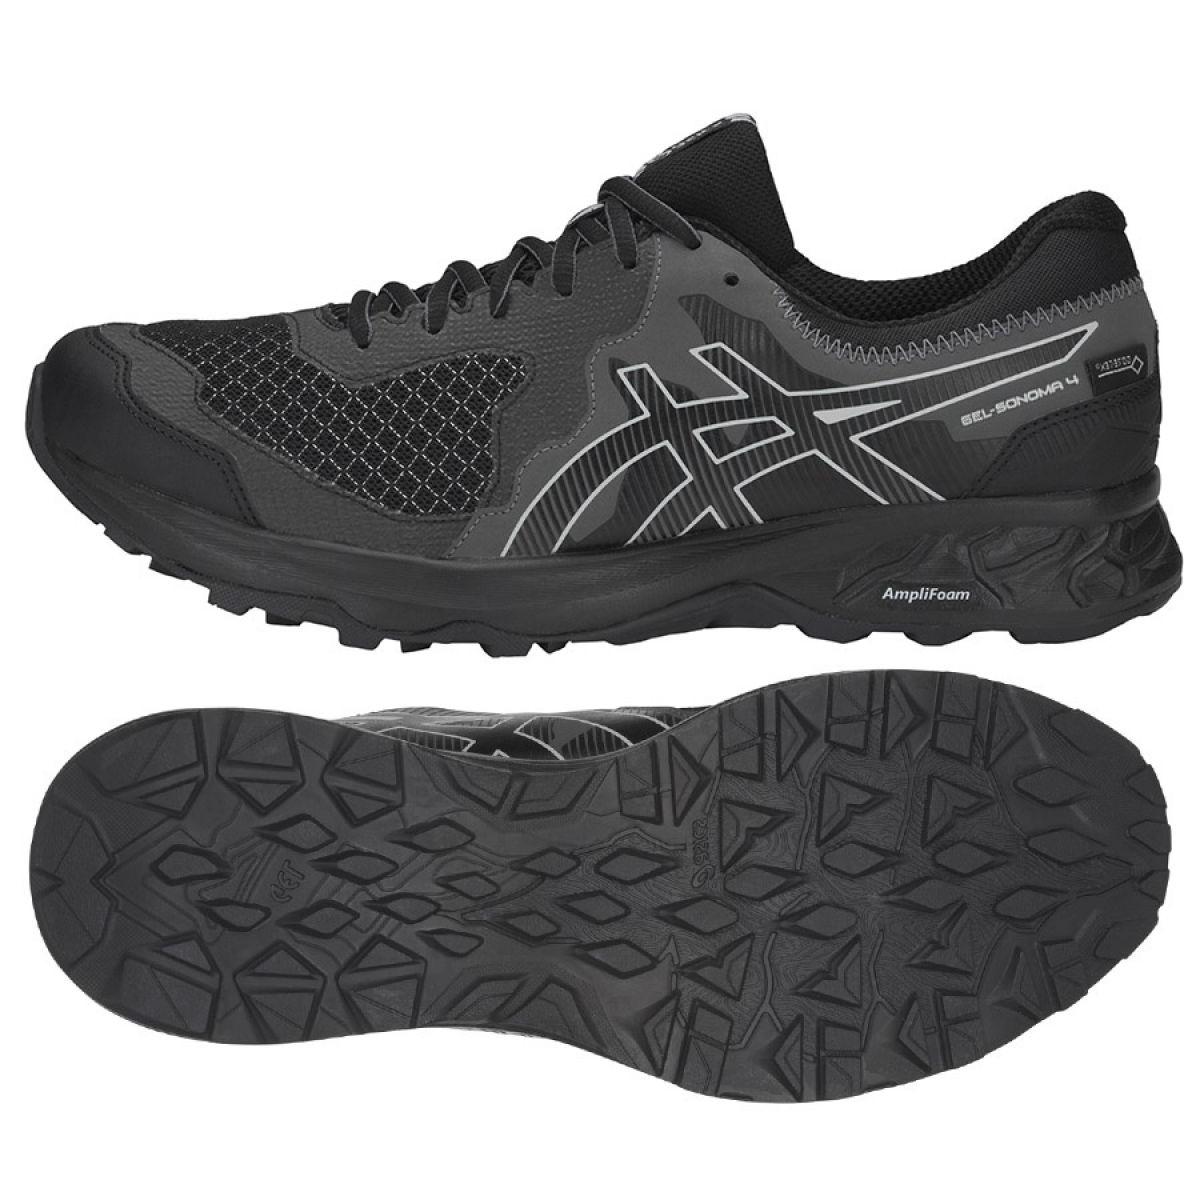 M De 4 1011a210 Running Chaussures 001 Noir Asics Gel Sonoma sCthQrd